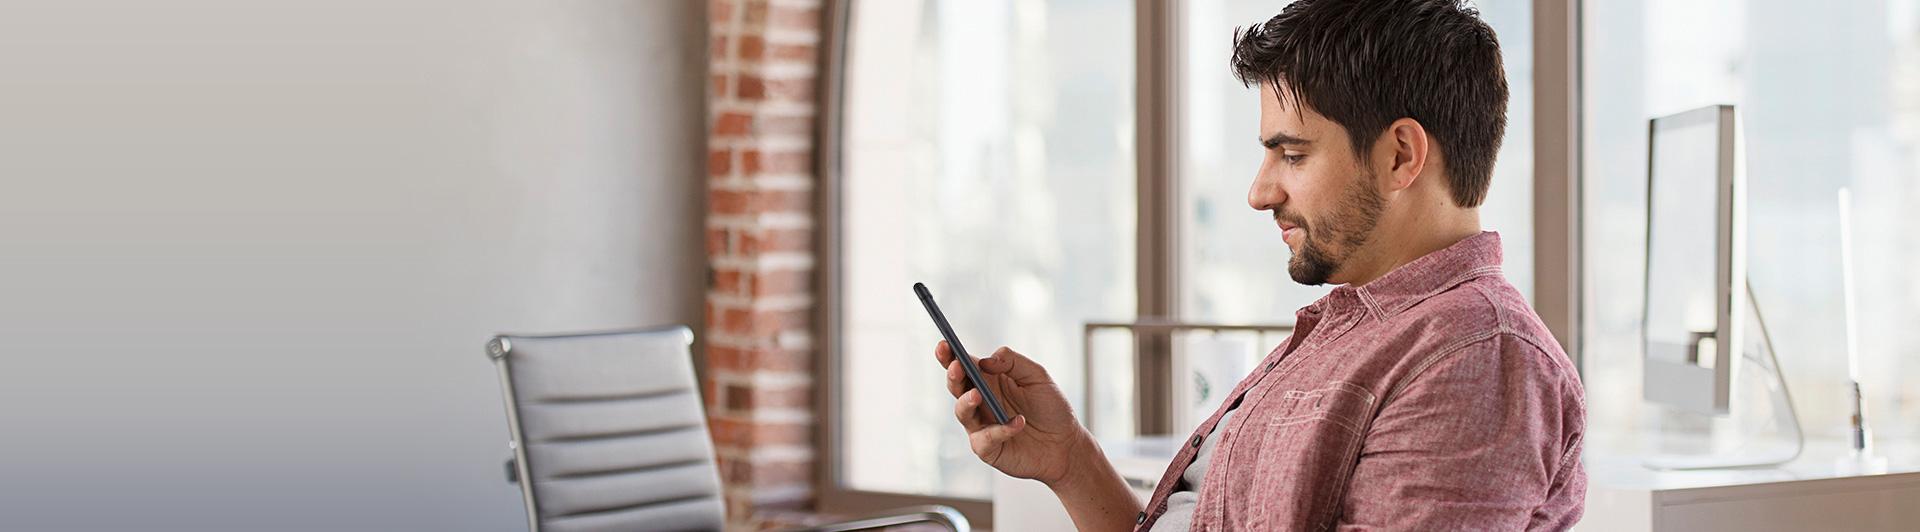 Mobilos erős ügyfélhitelesítés